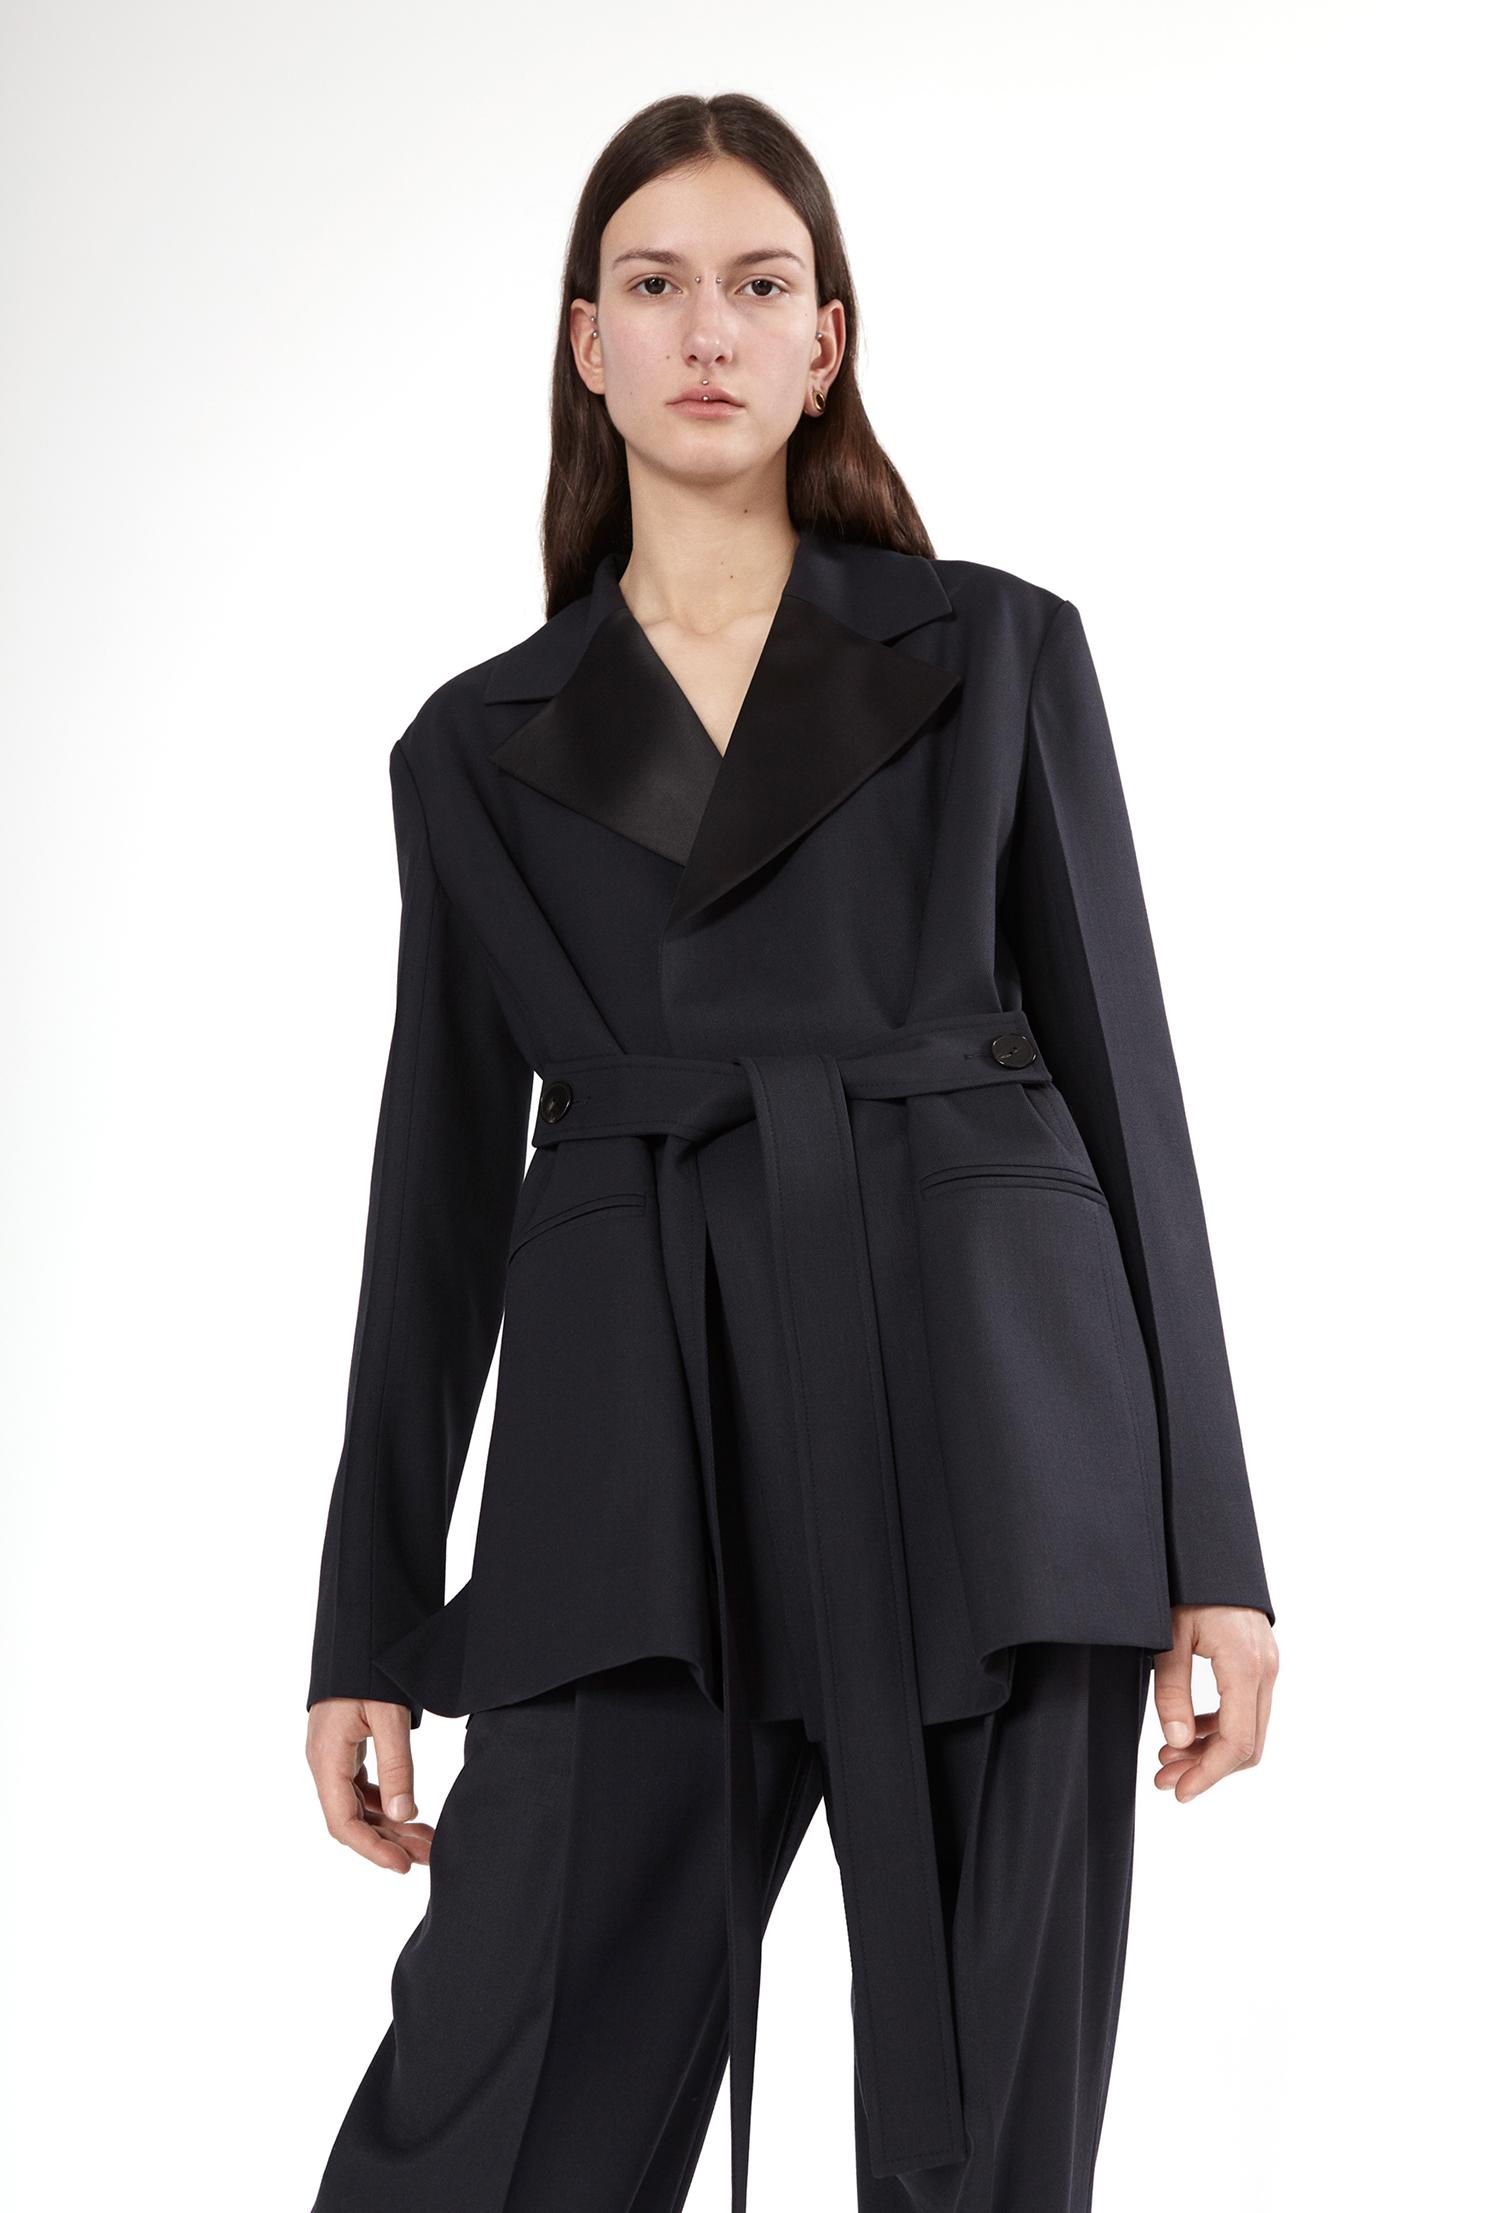 Jacket ROMA Trousers RANHA